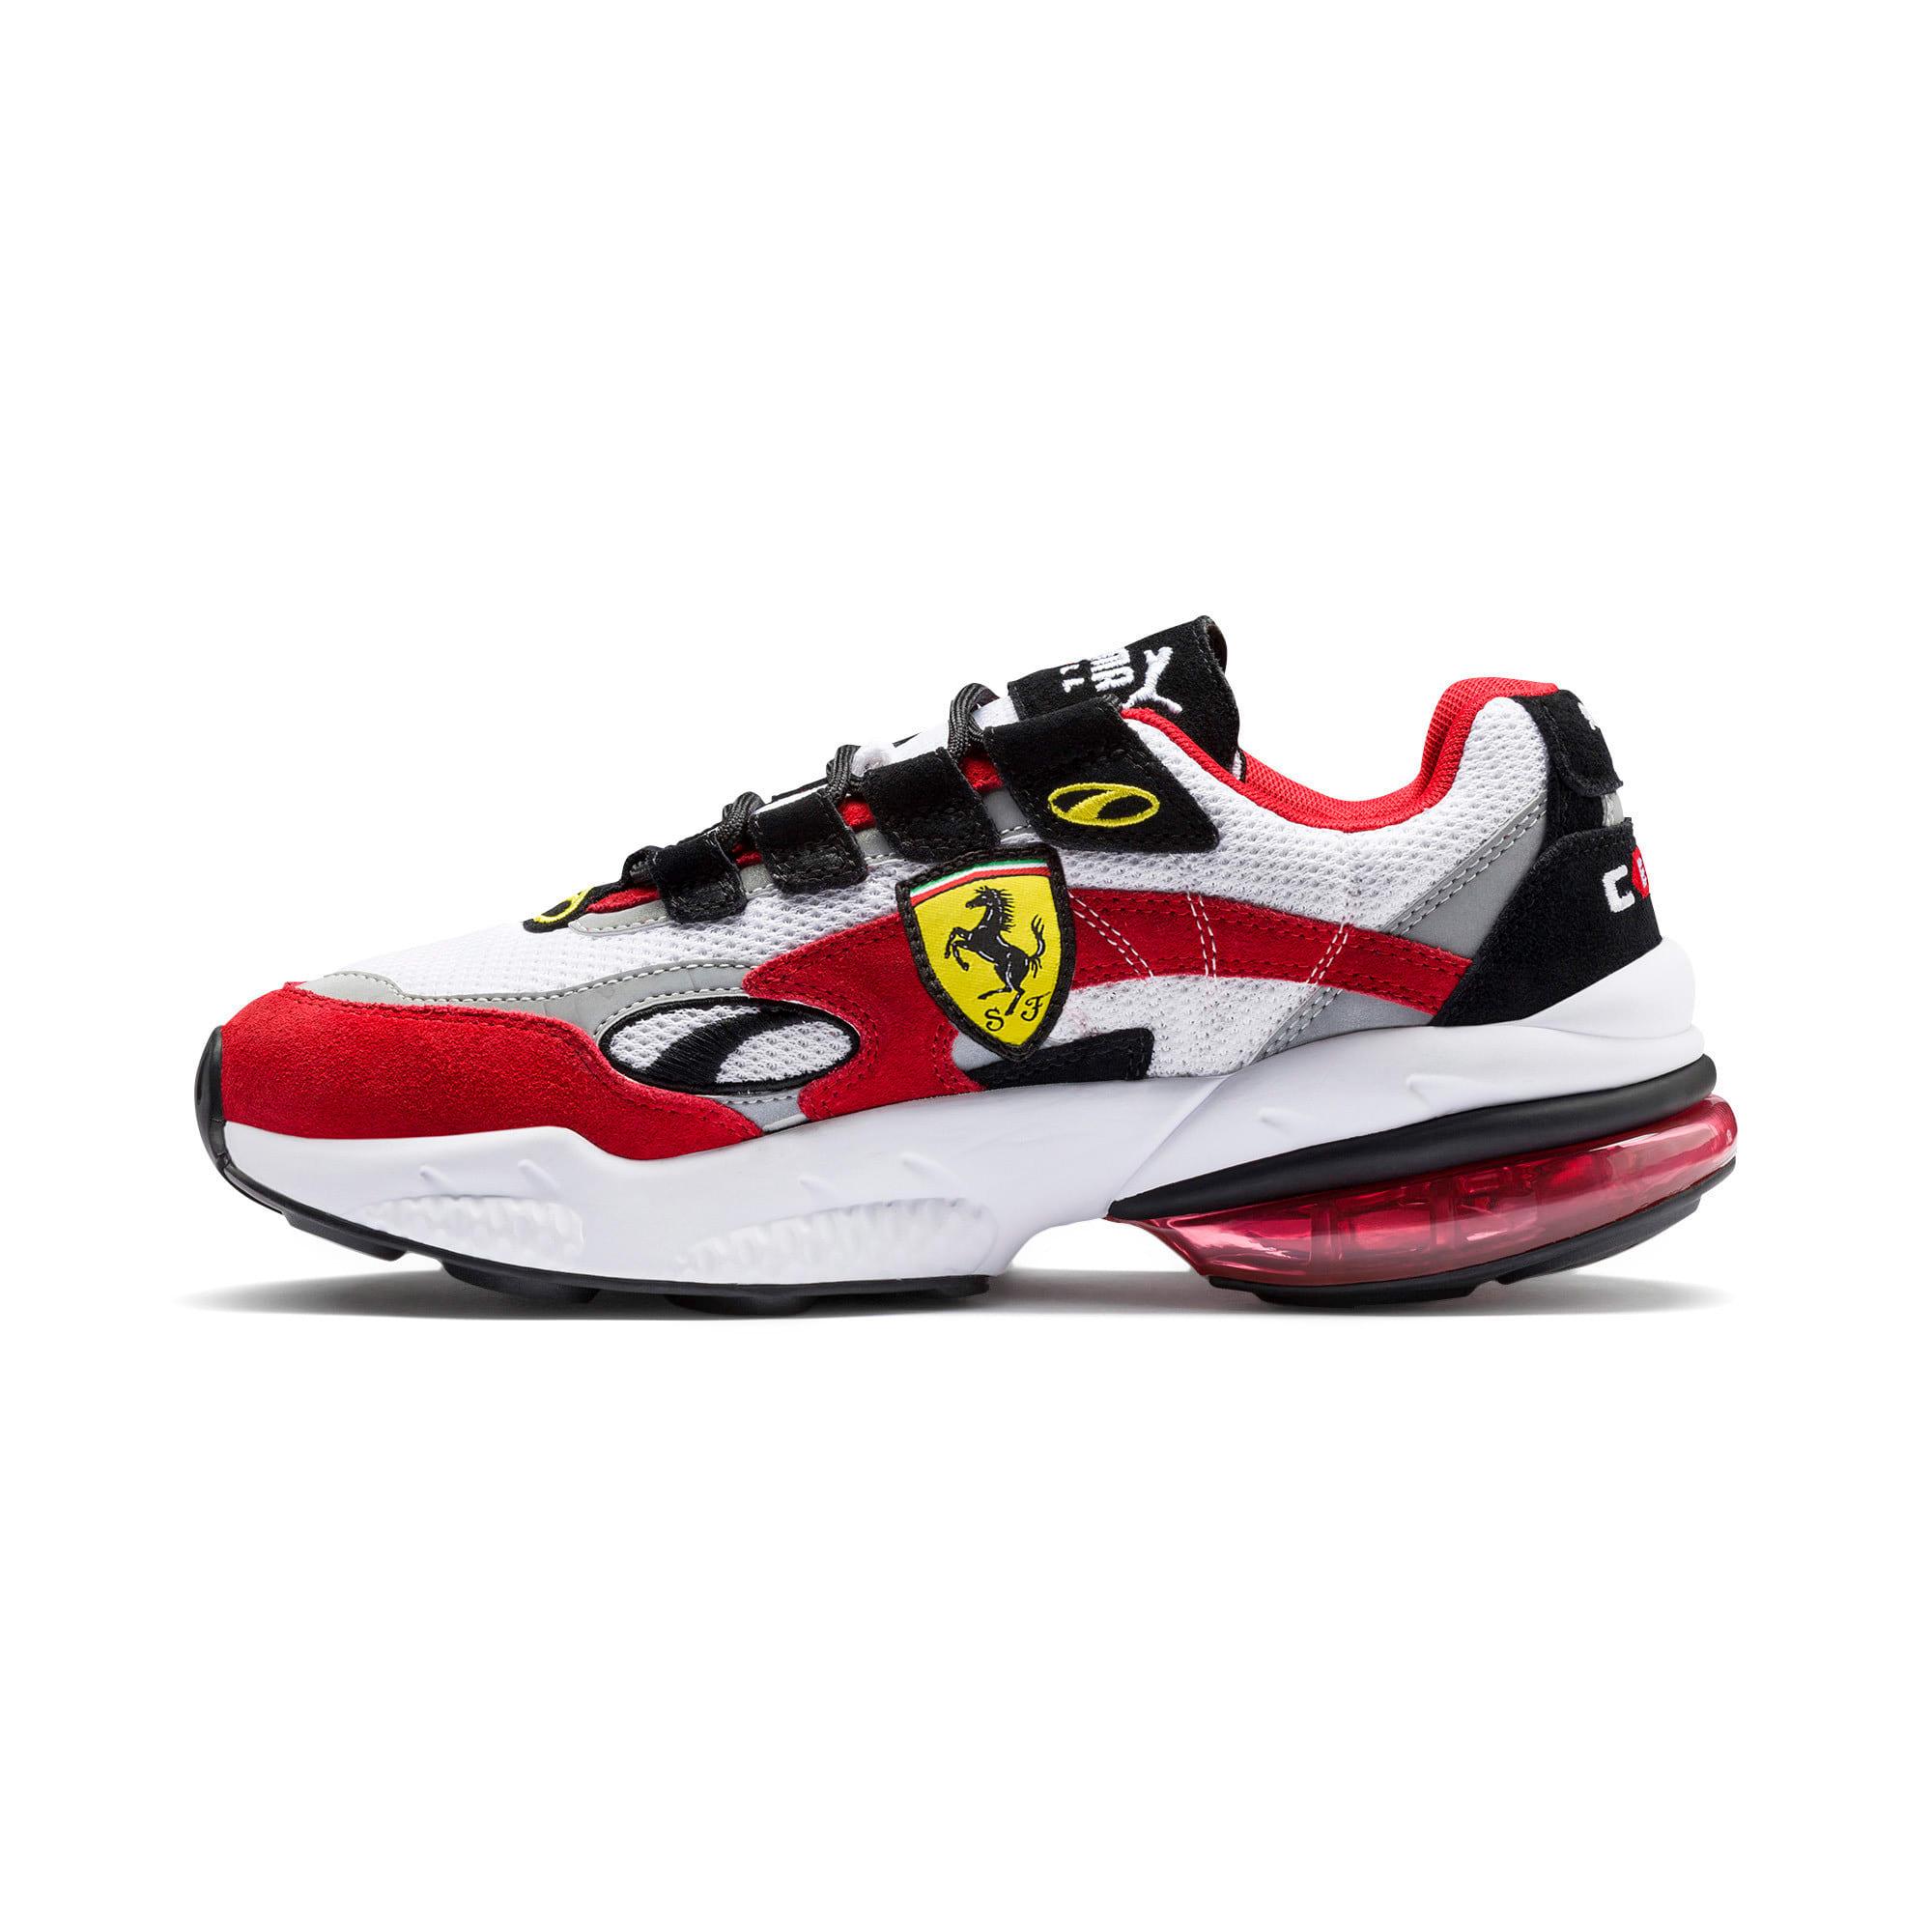 Thumbnail 1 of Scuderia Ferrari CELL Venom Sneakers, Puma White-Rosso Corsa, medium